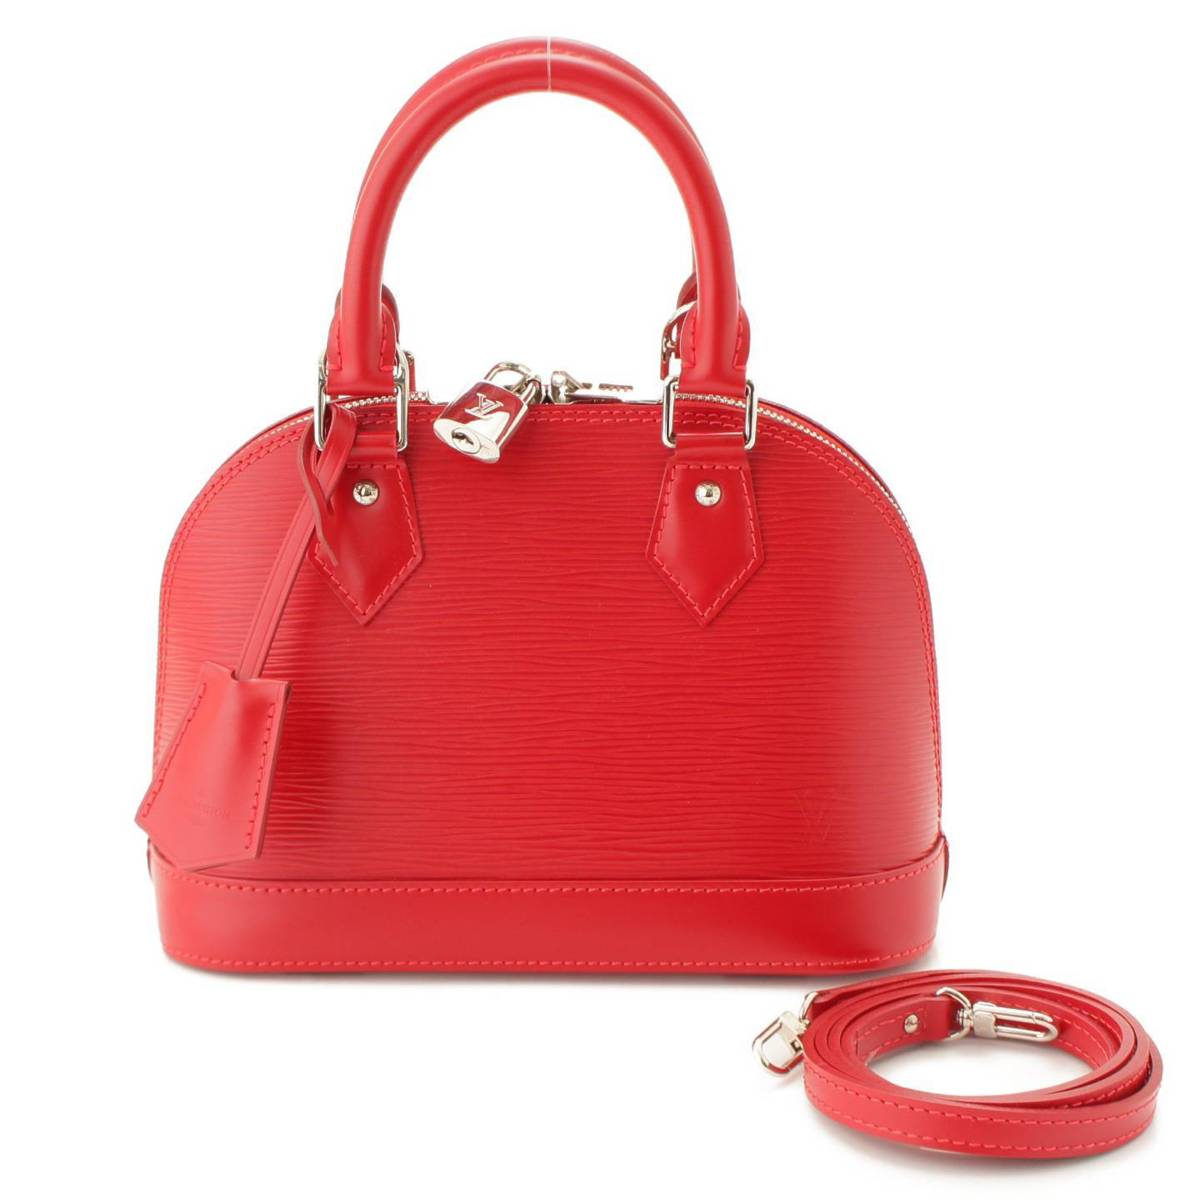 【ルイヴィトン】Louis Vuitton エピ アルマBB 2WAYバッグ M40850 カーマイン レッド 【中古】【鑑定済・正規品保証】90827